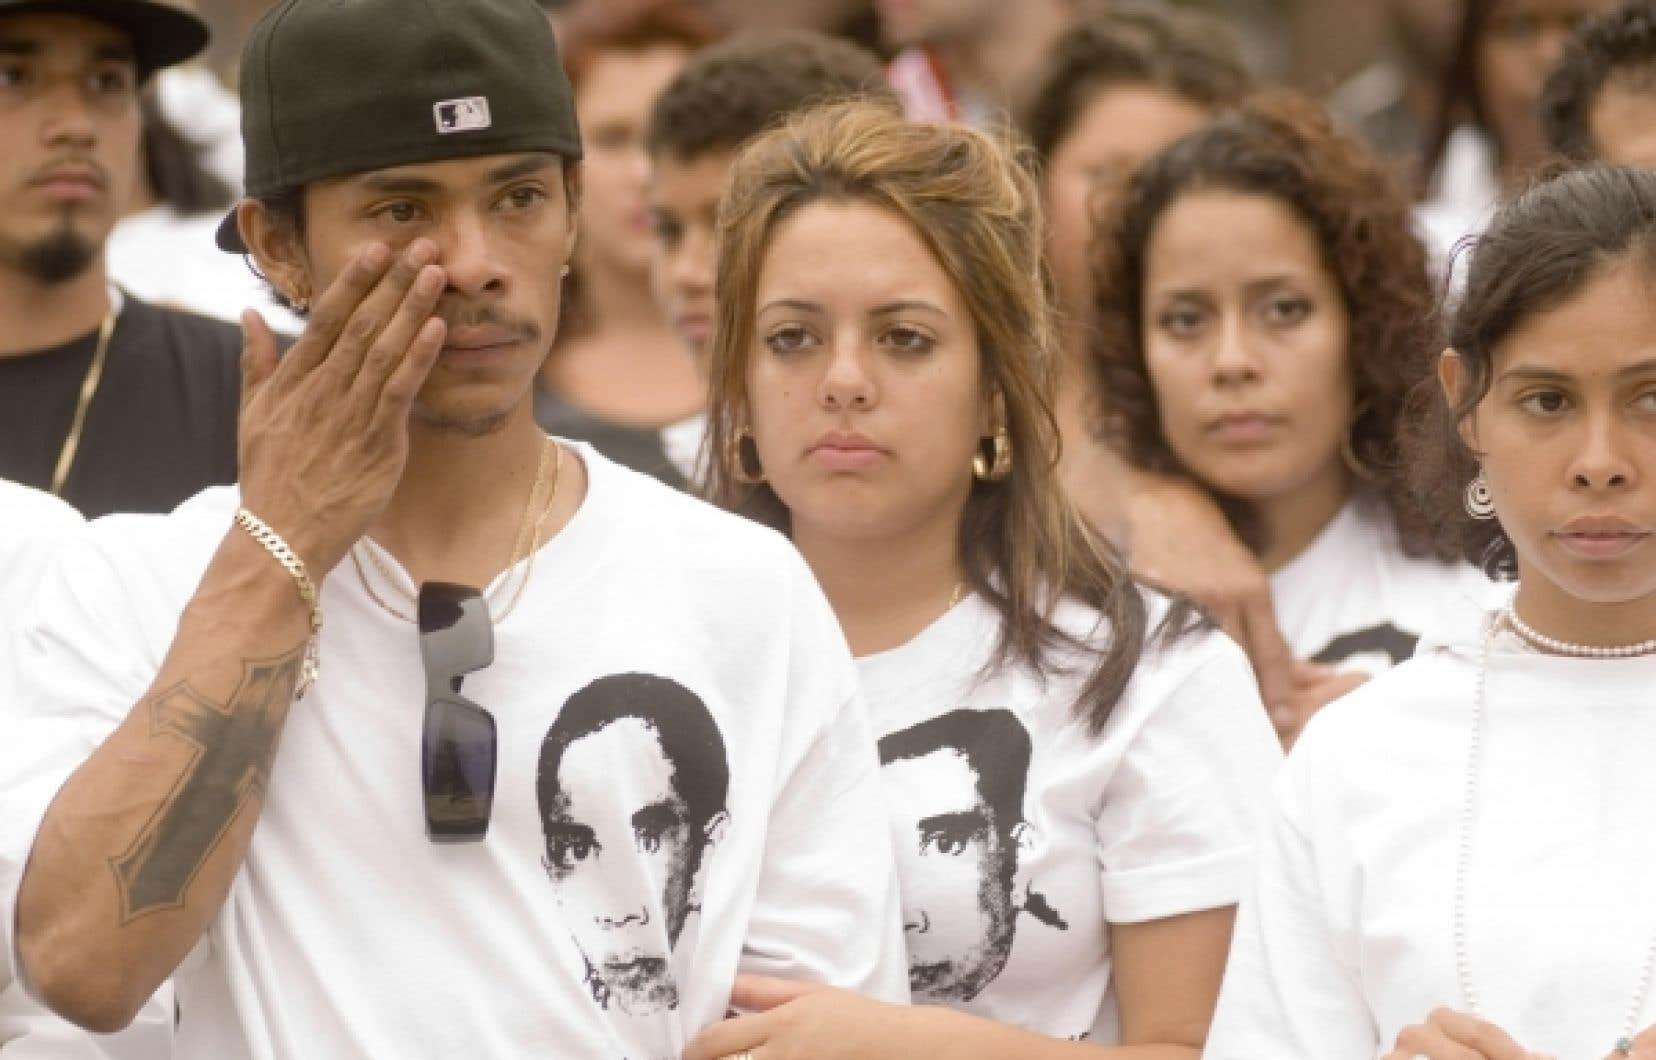 Des jeunes de Montr&eacute;al-Nord comm&eacute;moraient le premier anniversaire de la mort de Fredy Villanueva, en ao&ucirc;t 2009.<br />